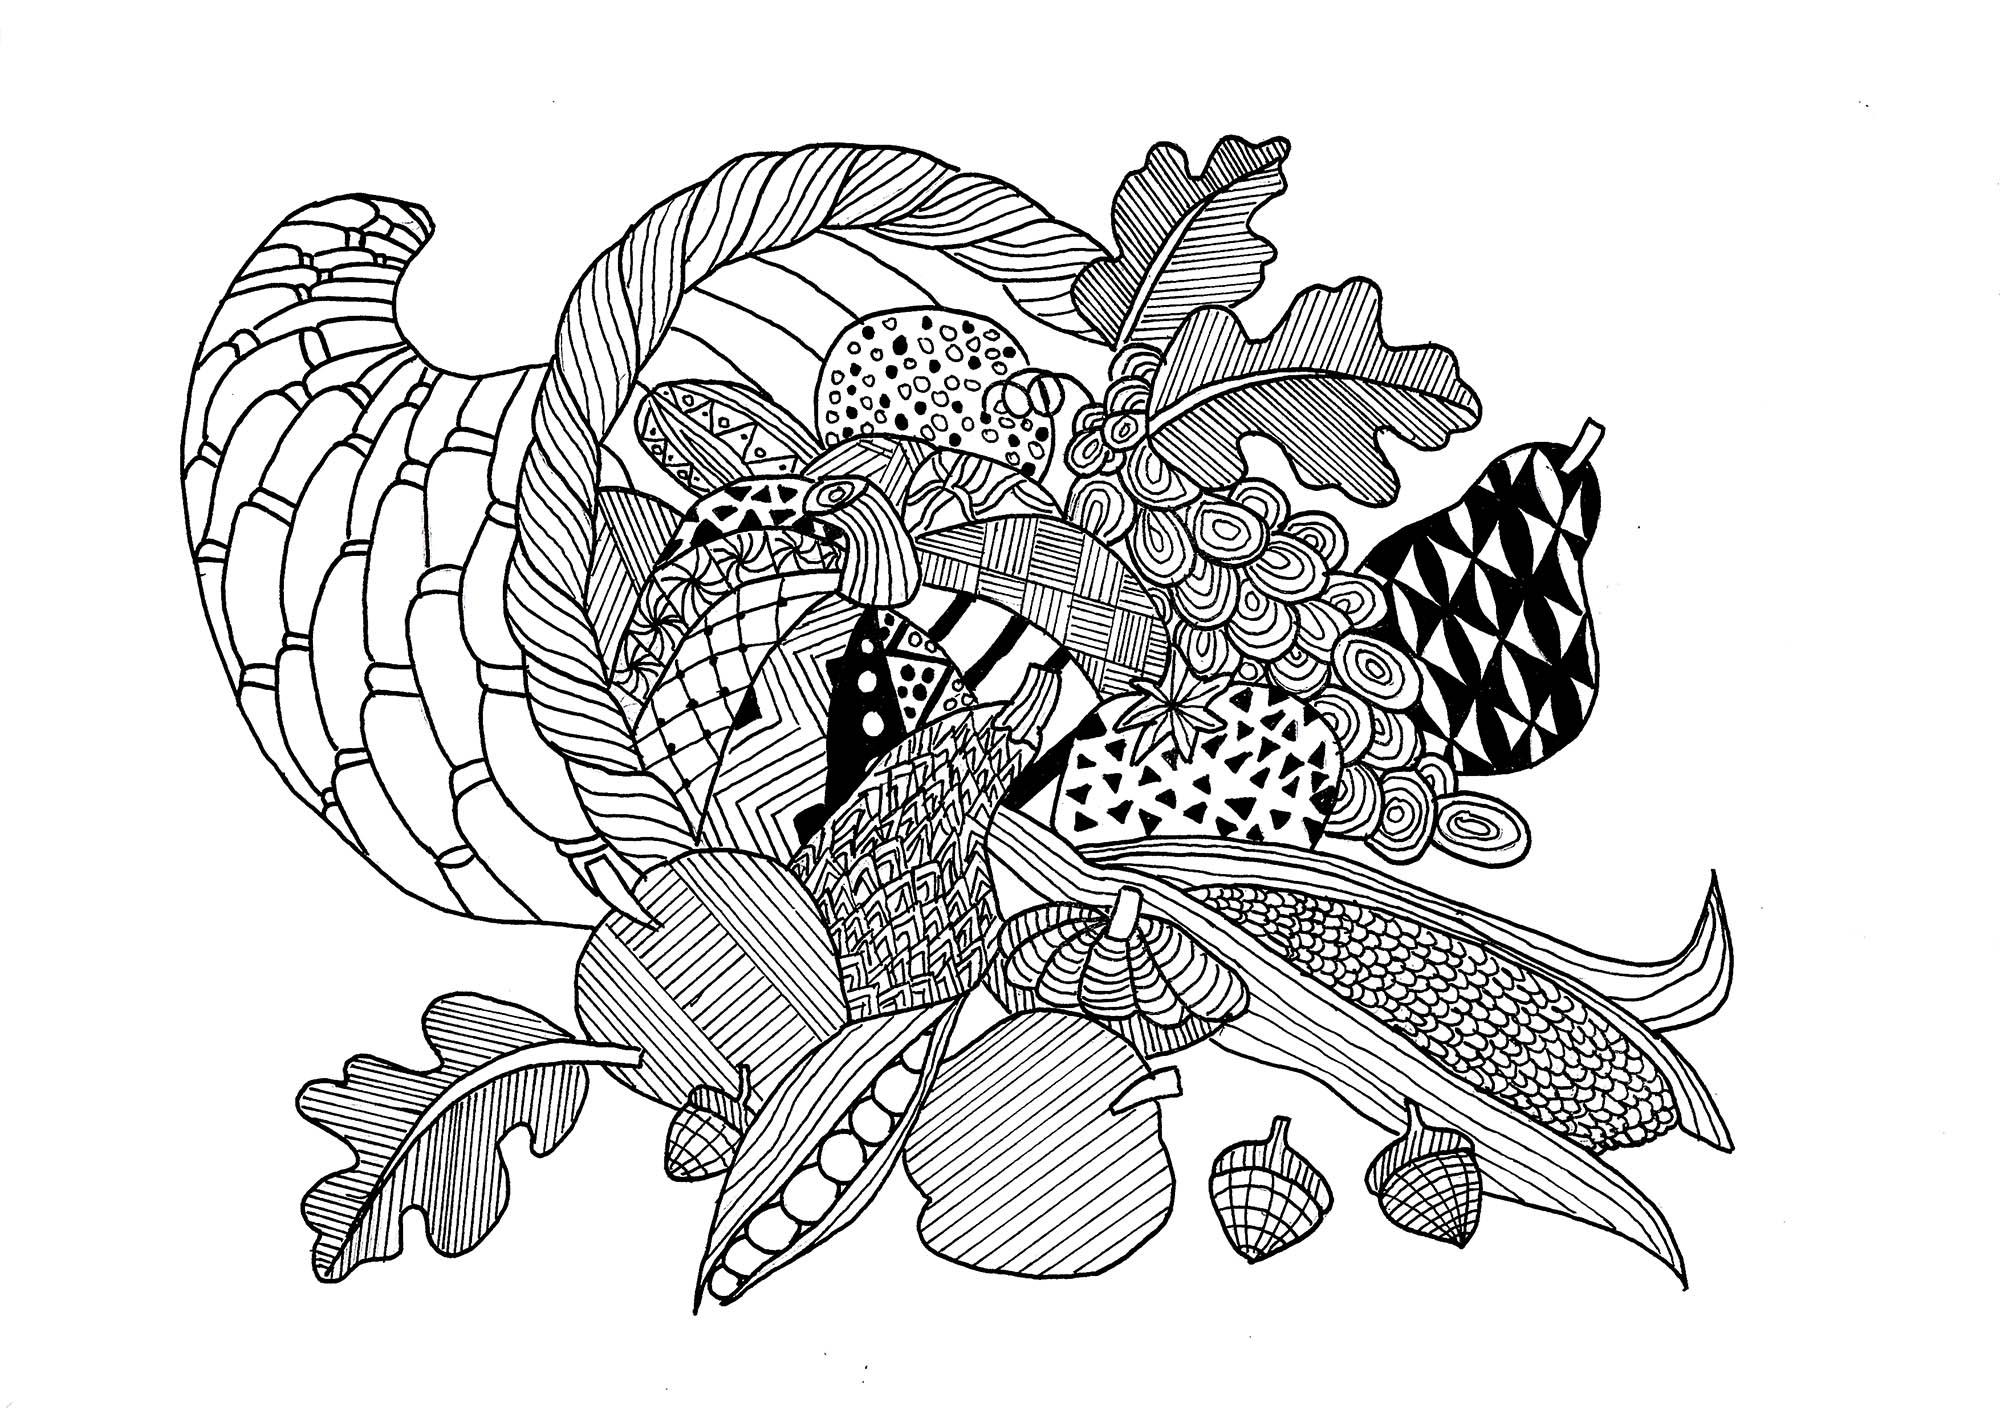 Disegni da colorare per adulti : Thanksgiving - 1